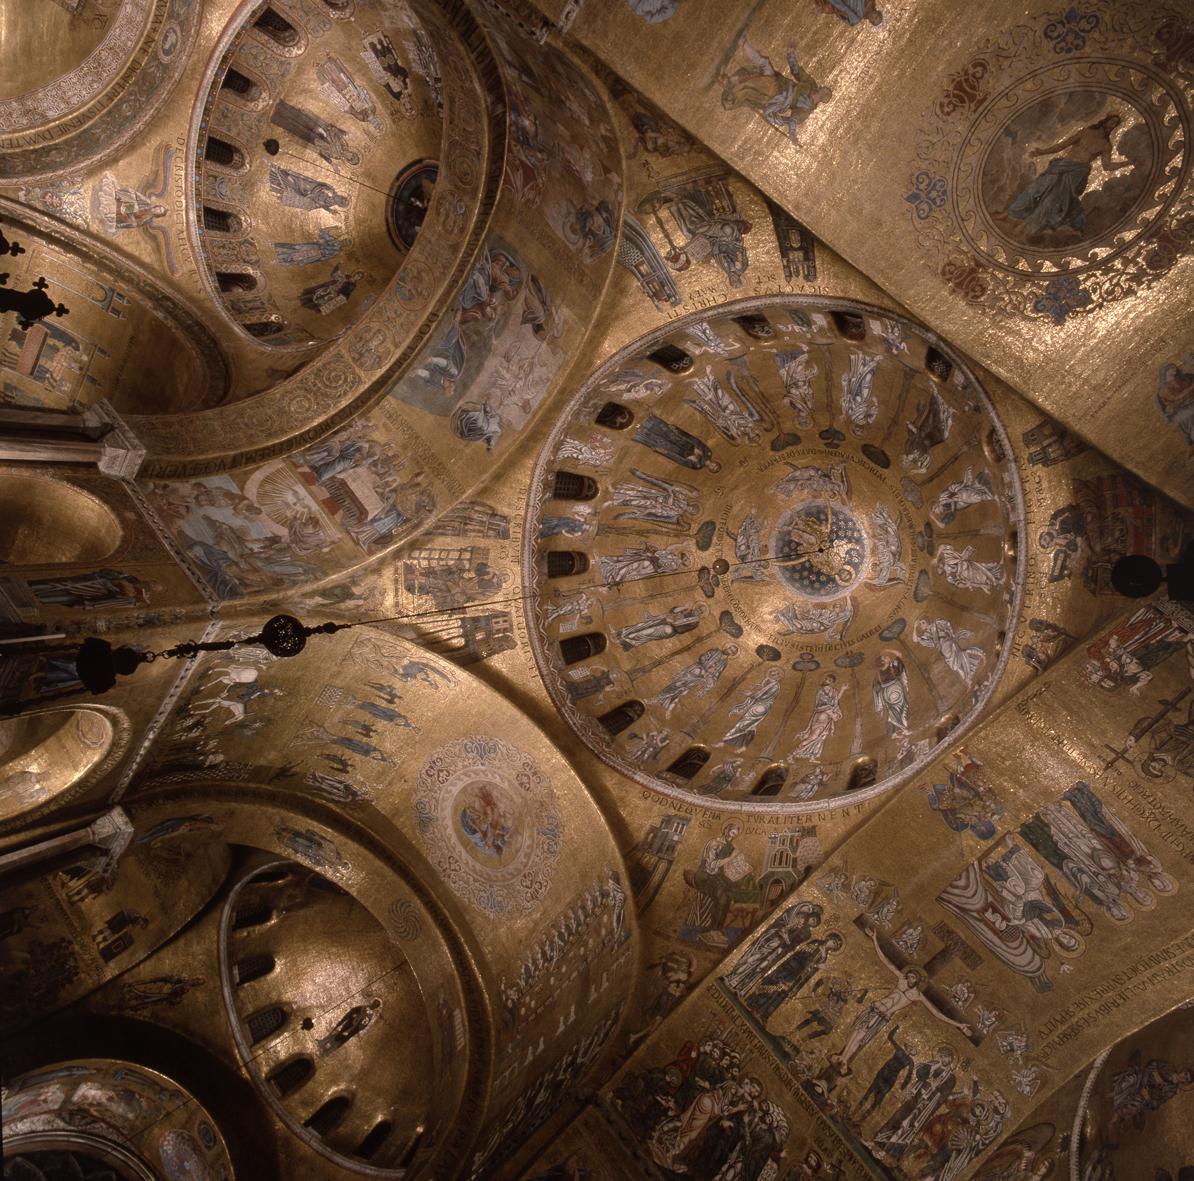 Mozaiki znajdujące się wewnątrz Bazyliki św. Marka w Wenecji.